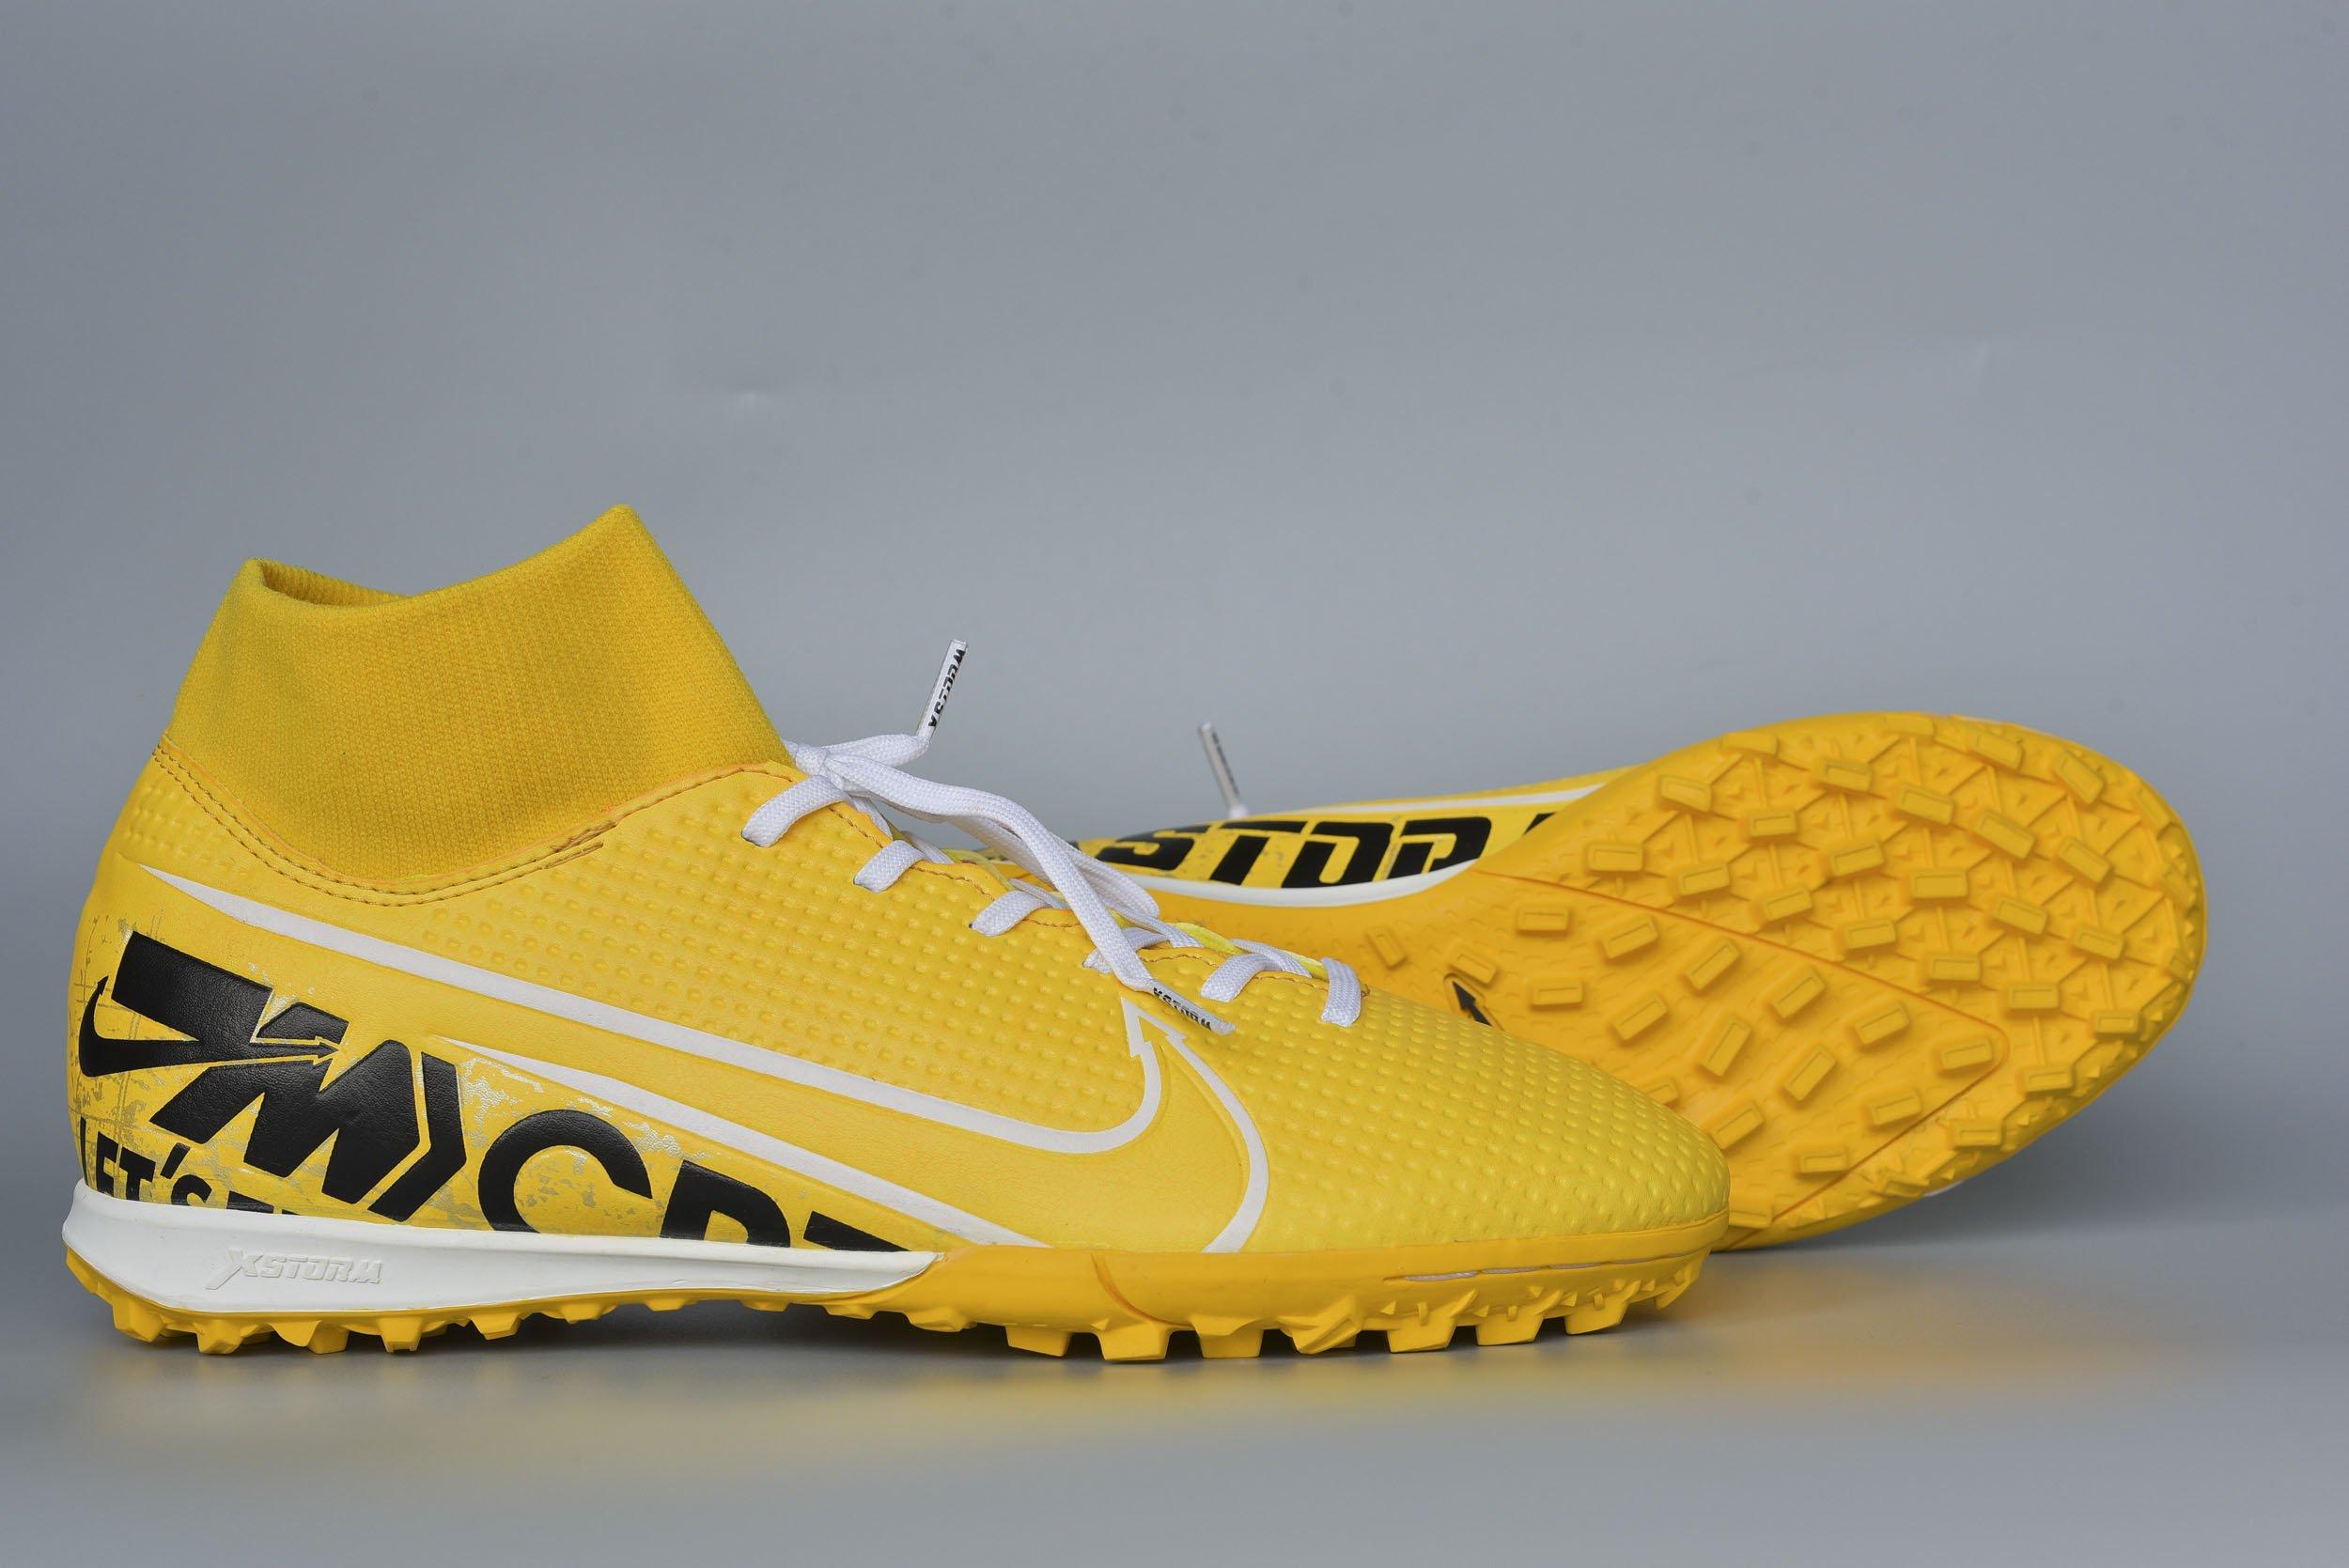 Giày đá banh Xfaster CRXX Cổ Dệt - Vàng